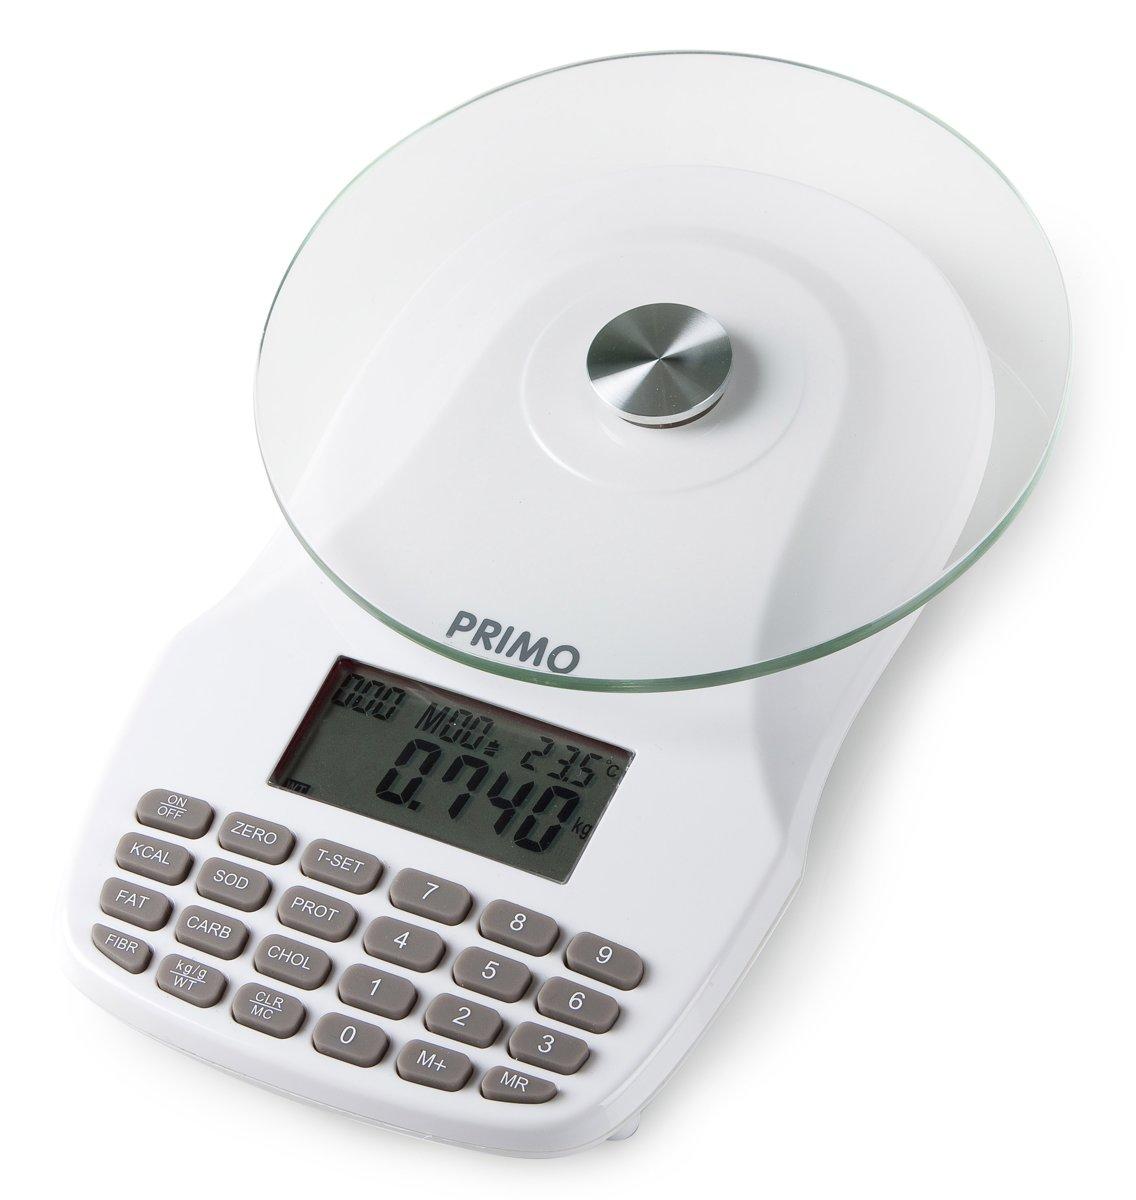 Primo Voedingsweegschaal (SCK2-W) - 7 voedingswaarden - 1g nauwkeurig